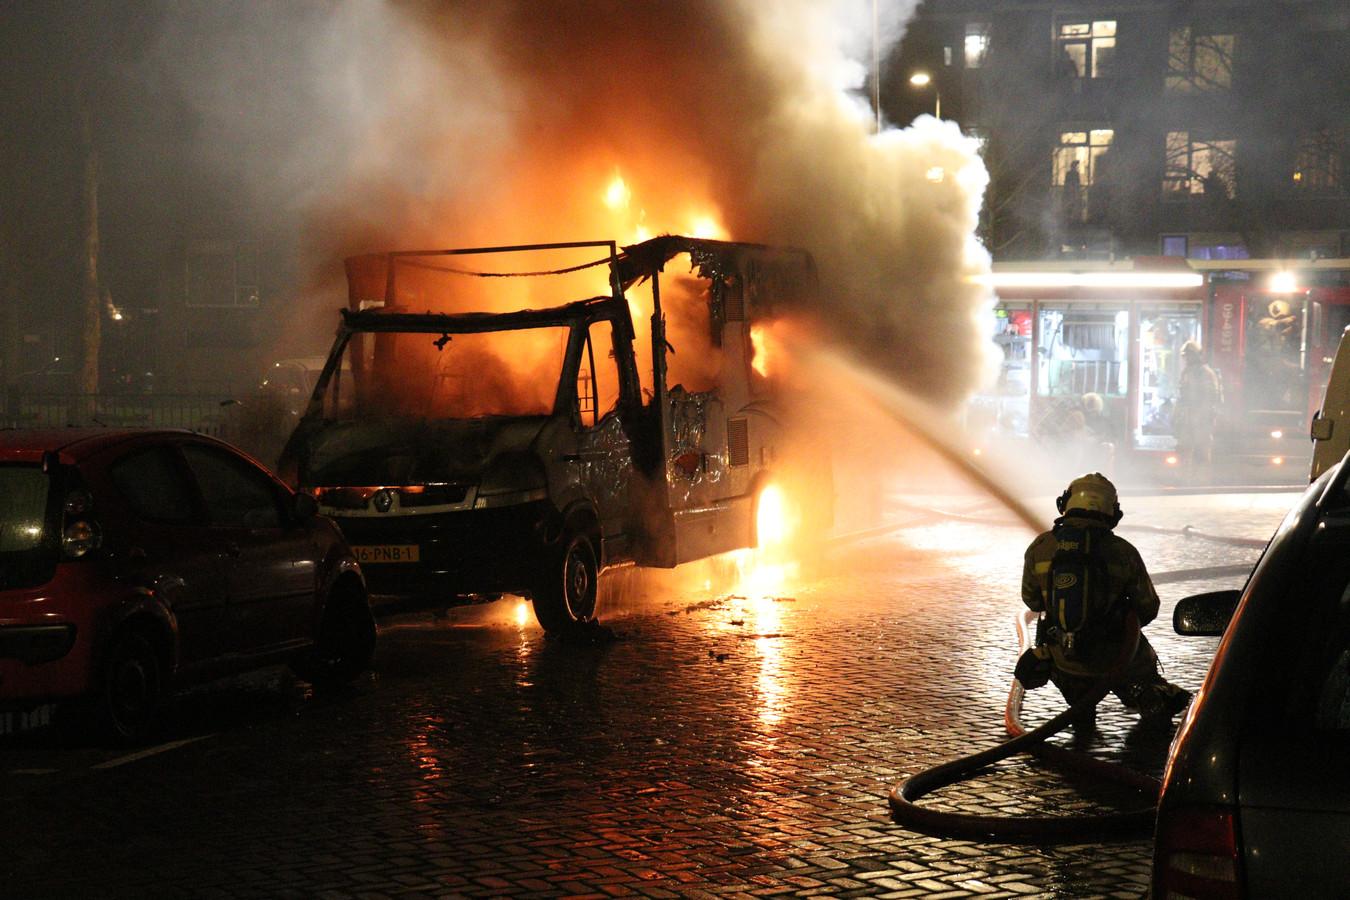 Aan het Queeckhovenplein in de Utrechtse wijk Zuilen is gisteravond een camper door brand verwoest